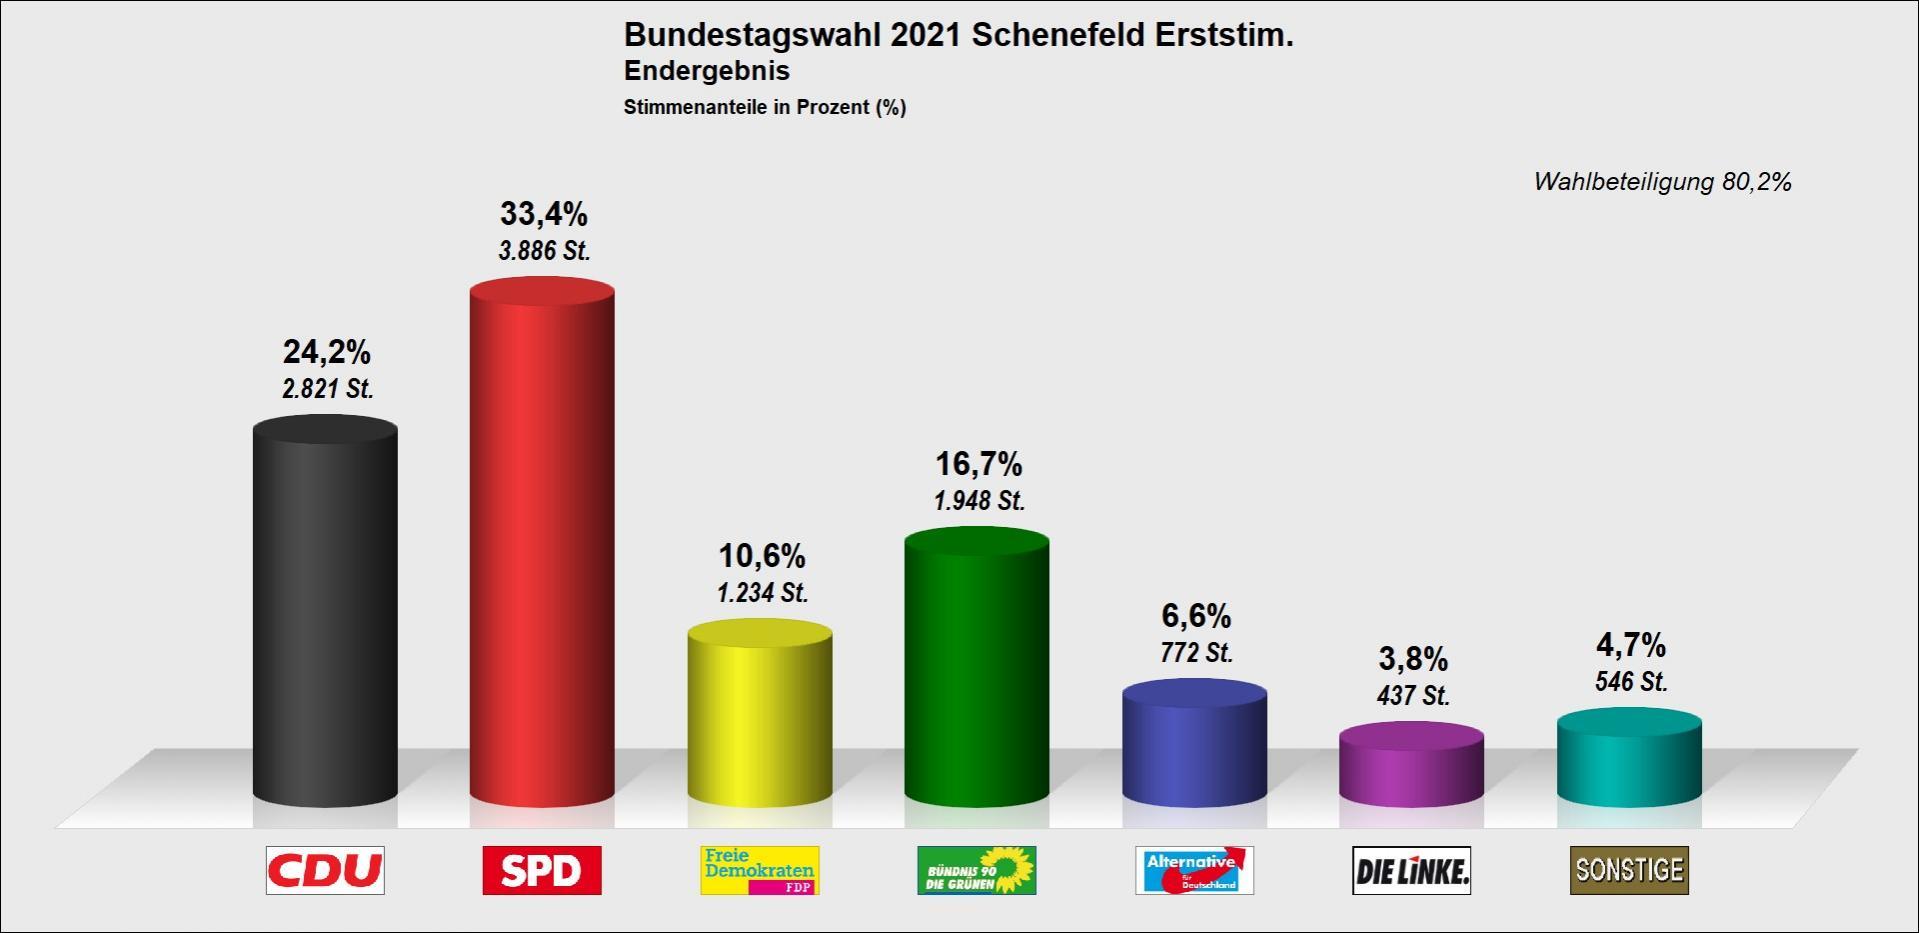 Endergebnis für Schenefeld Erststimme